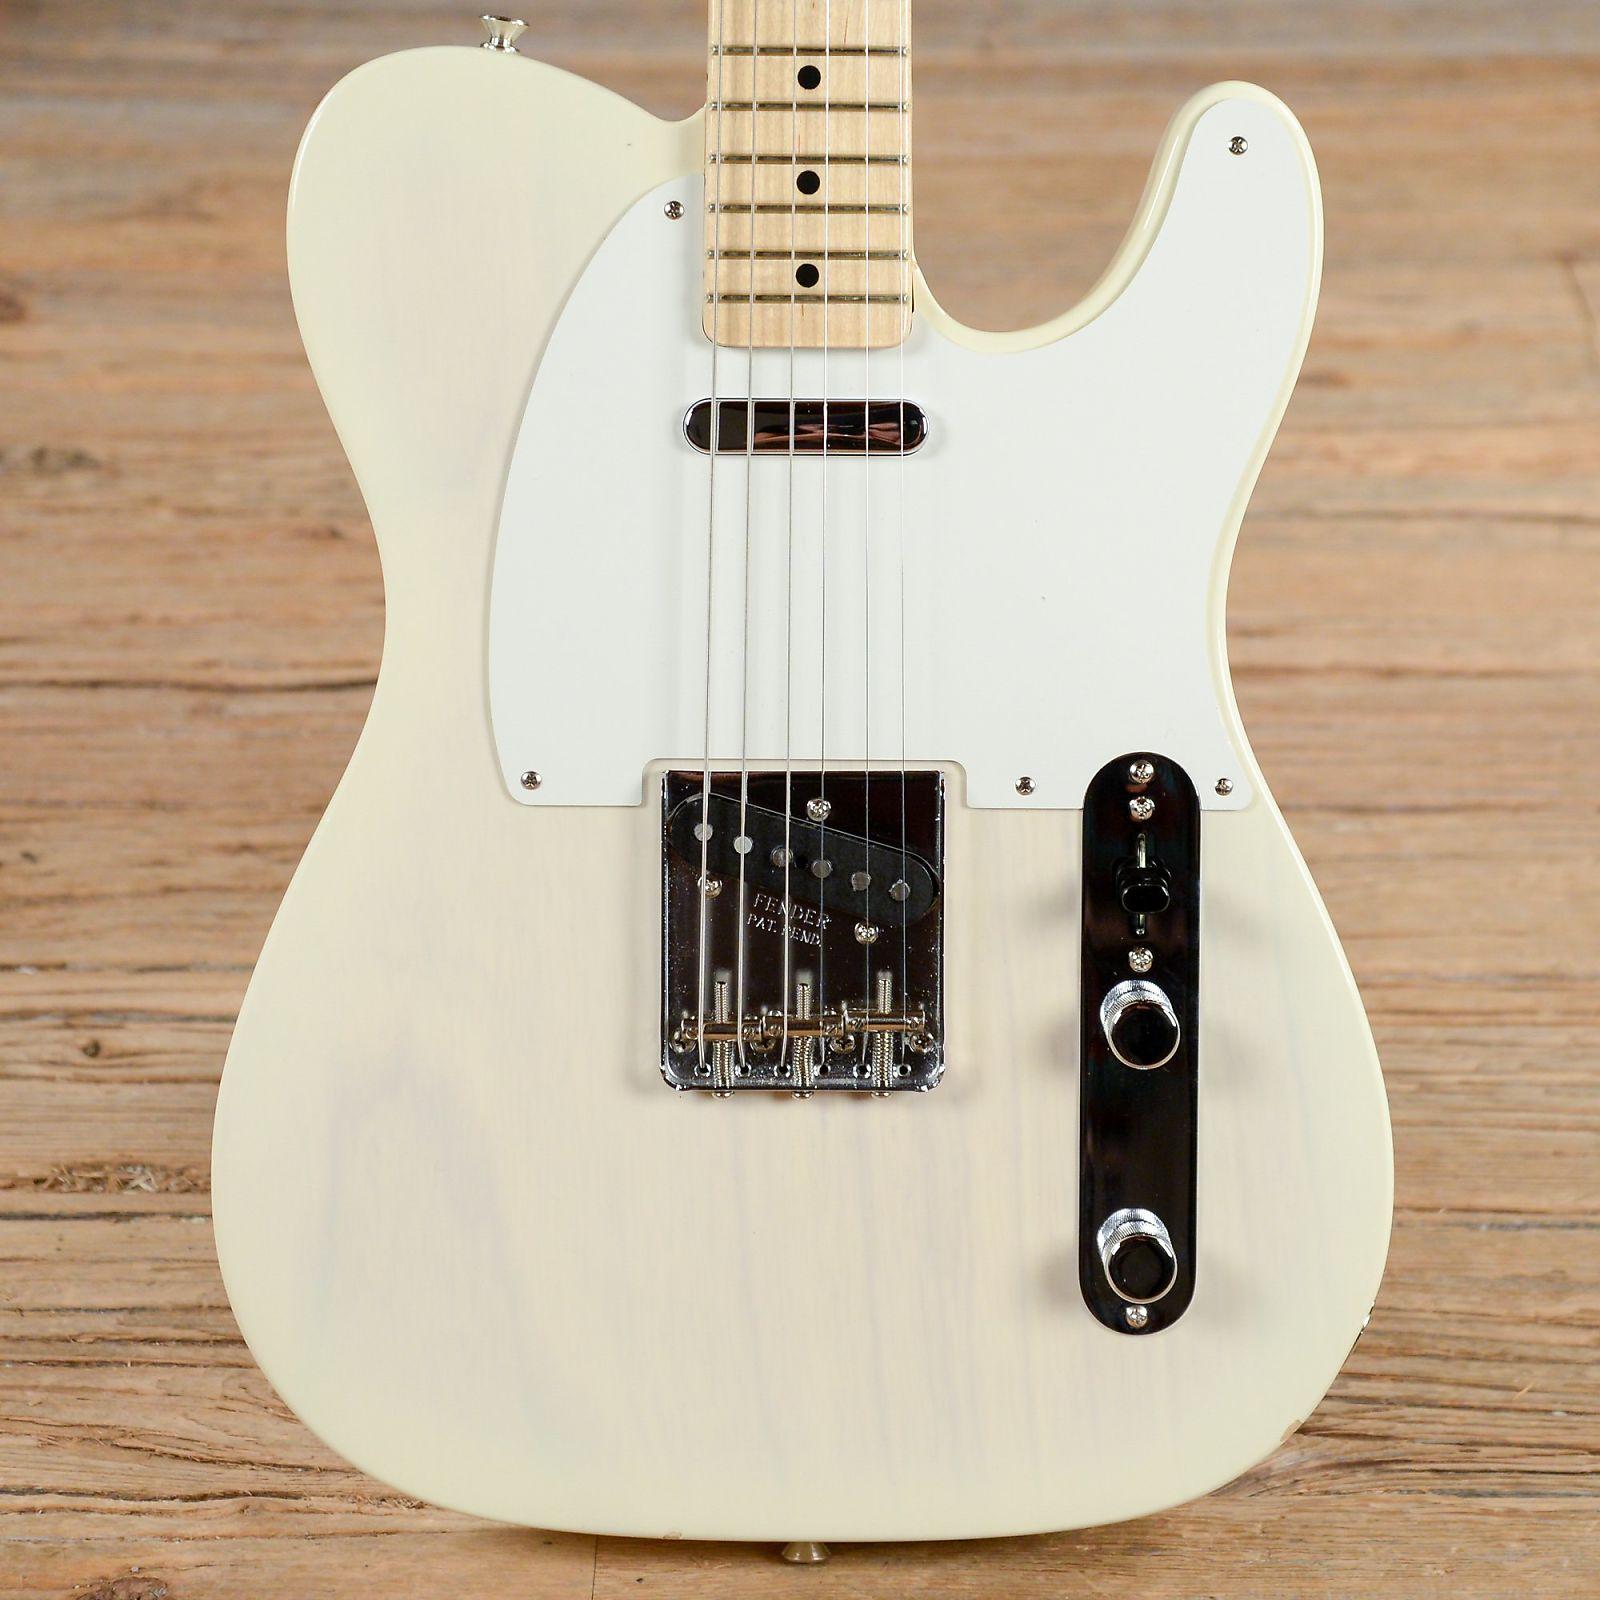 Vintage White Telecaster : fender american vintage 39 58 telecaster aged white blonde 2017 s824 ~ Hamham.info Haus und Dekorationen